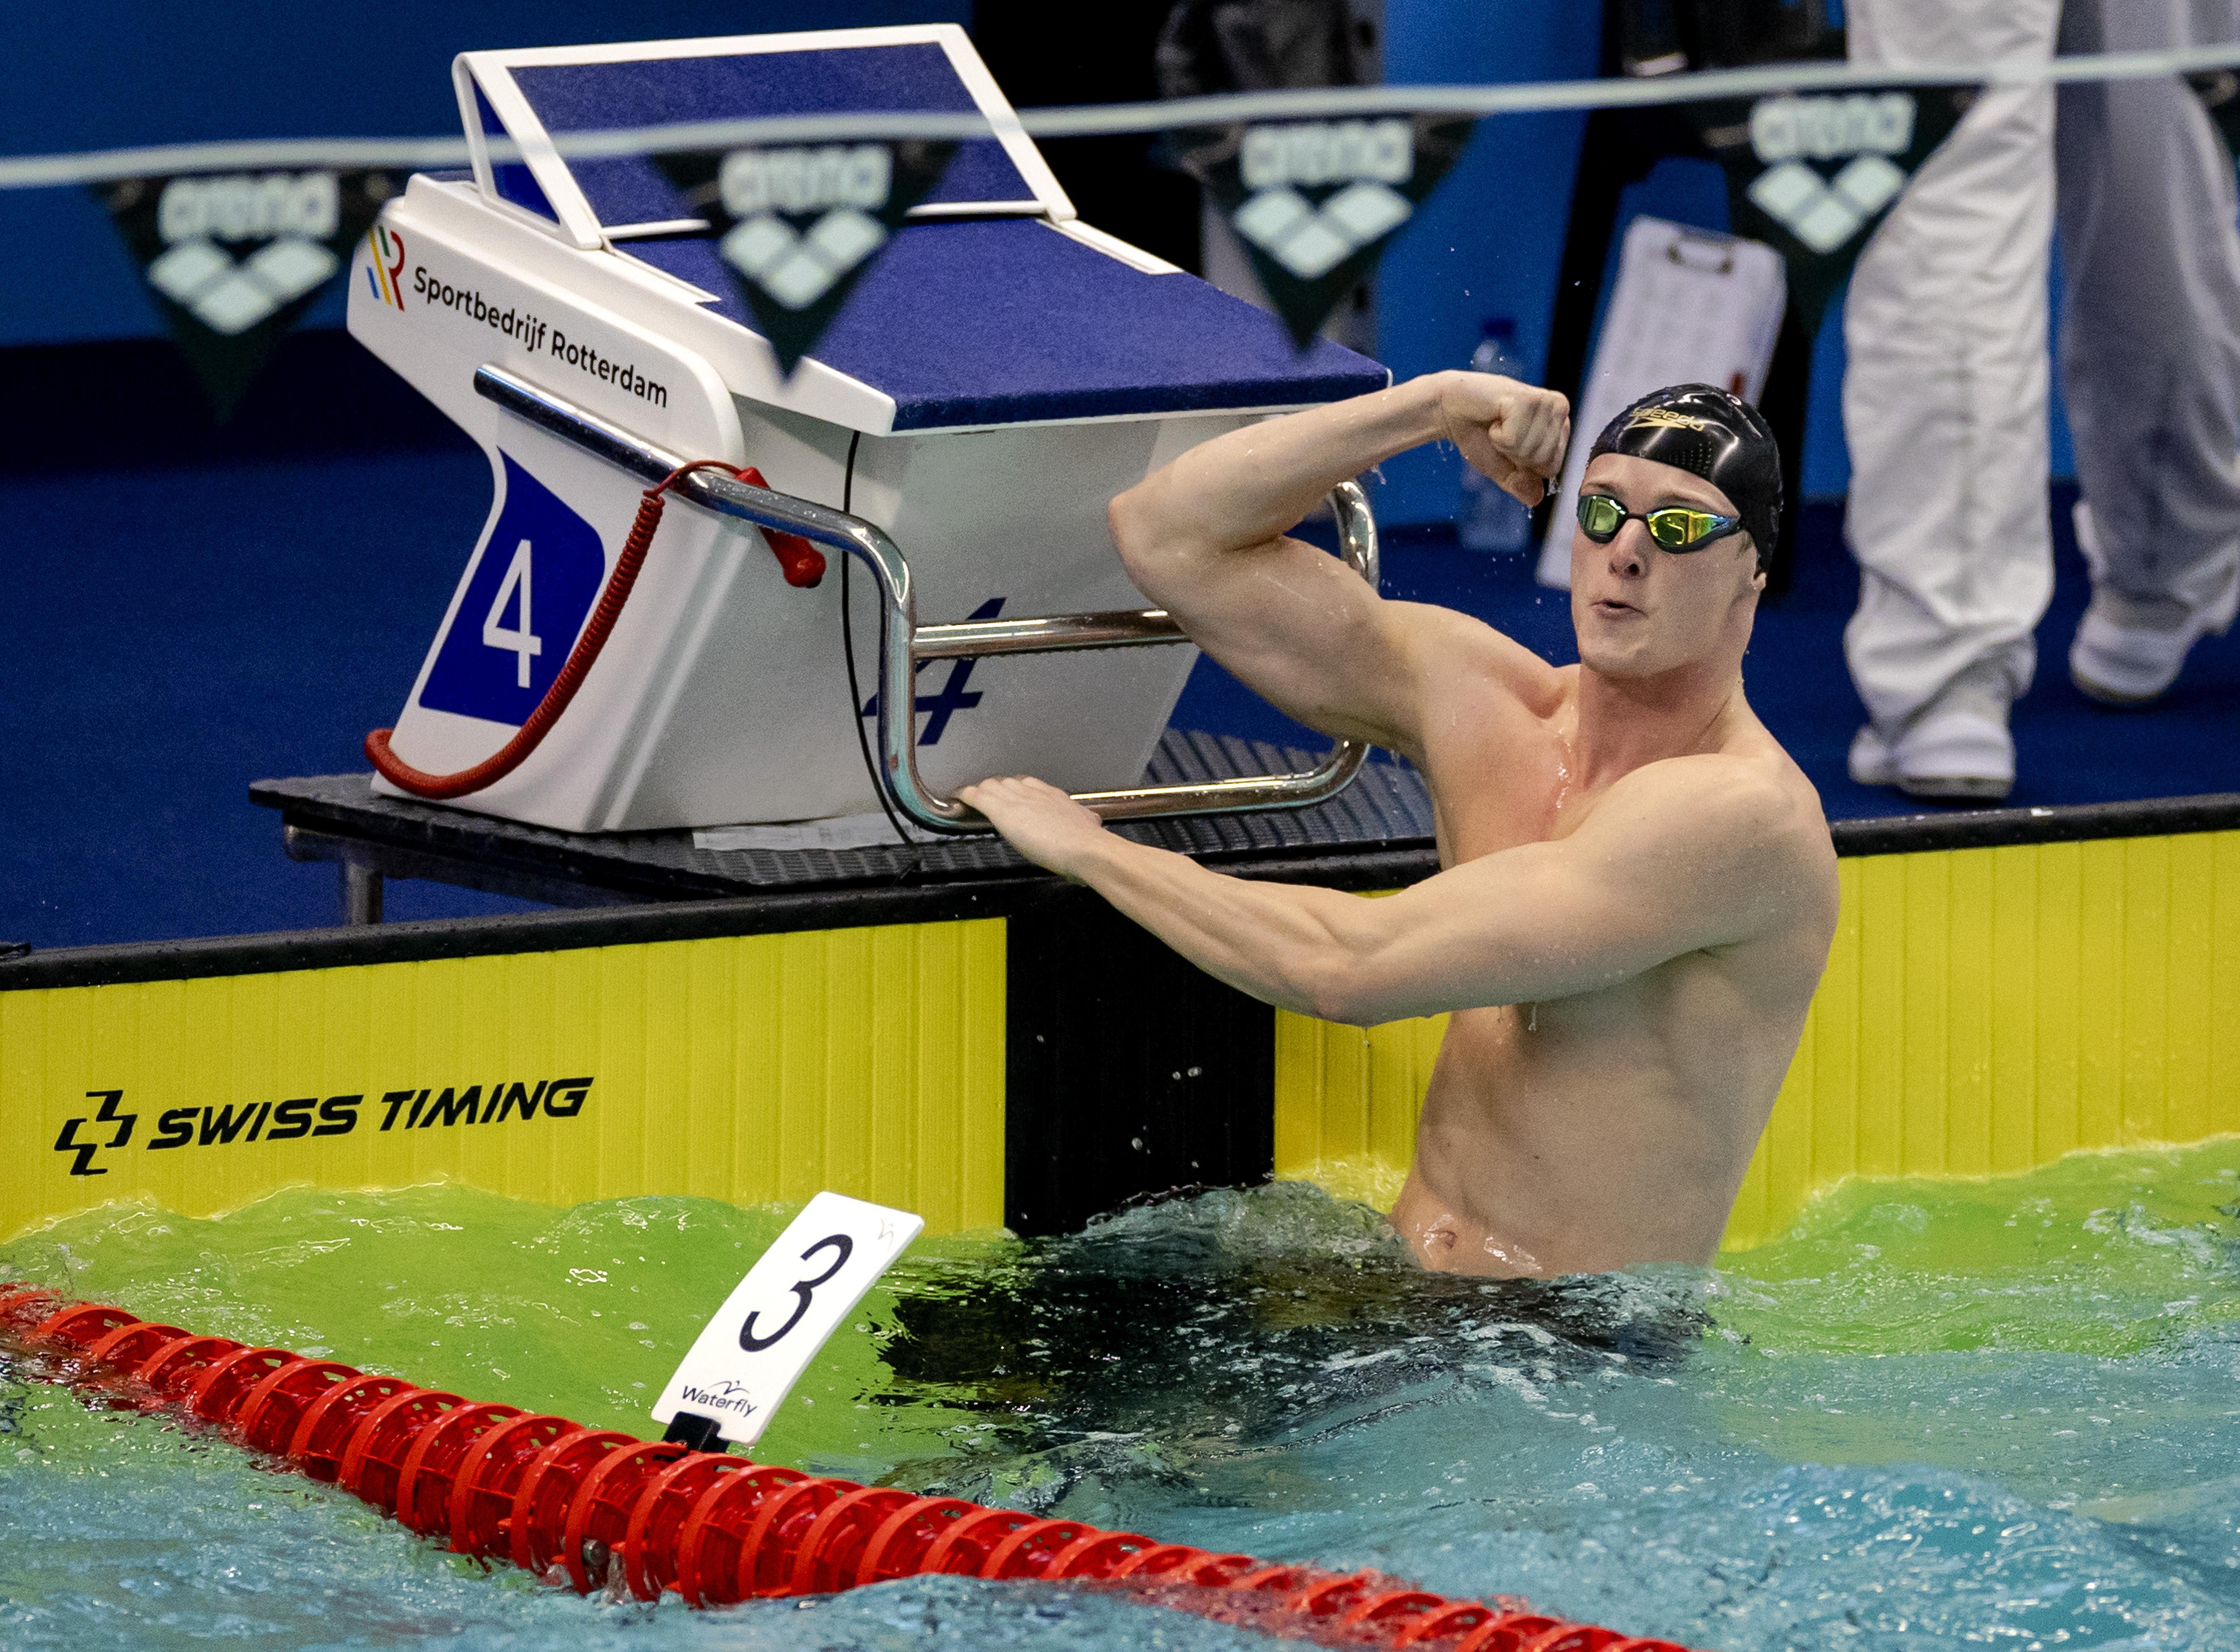 Alkmaarder Thom de Boer onder limiet voor Olympische Spelen op vijftig meter vrijeslag: 'Ik heb er best veel aan liggen denken in bed, waarbij zo nu en dan mijn hartslag de hoogte in vloog'